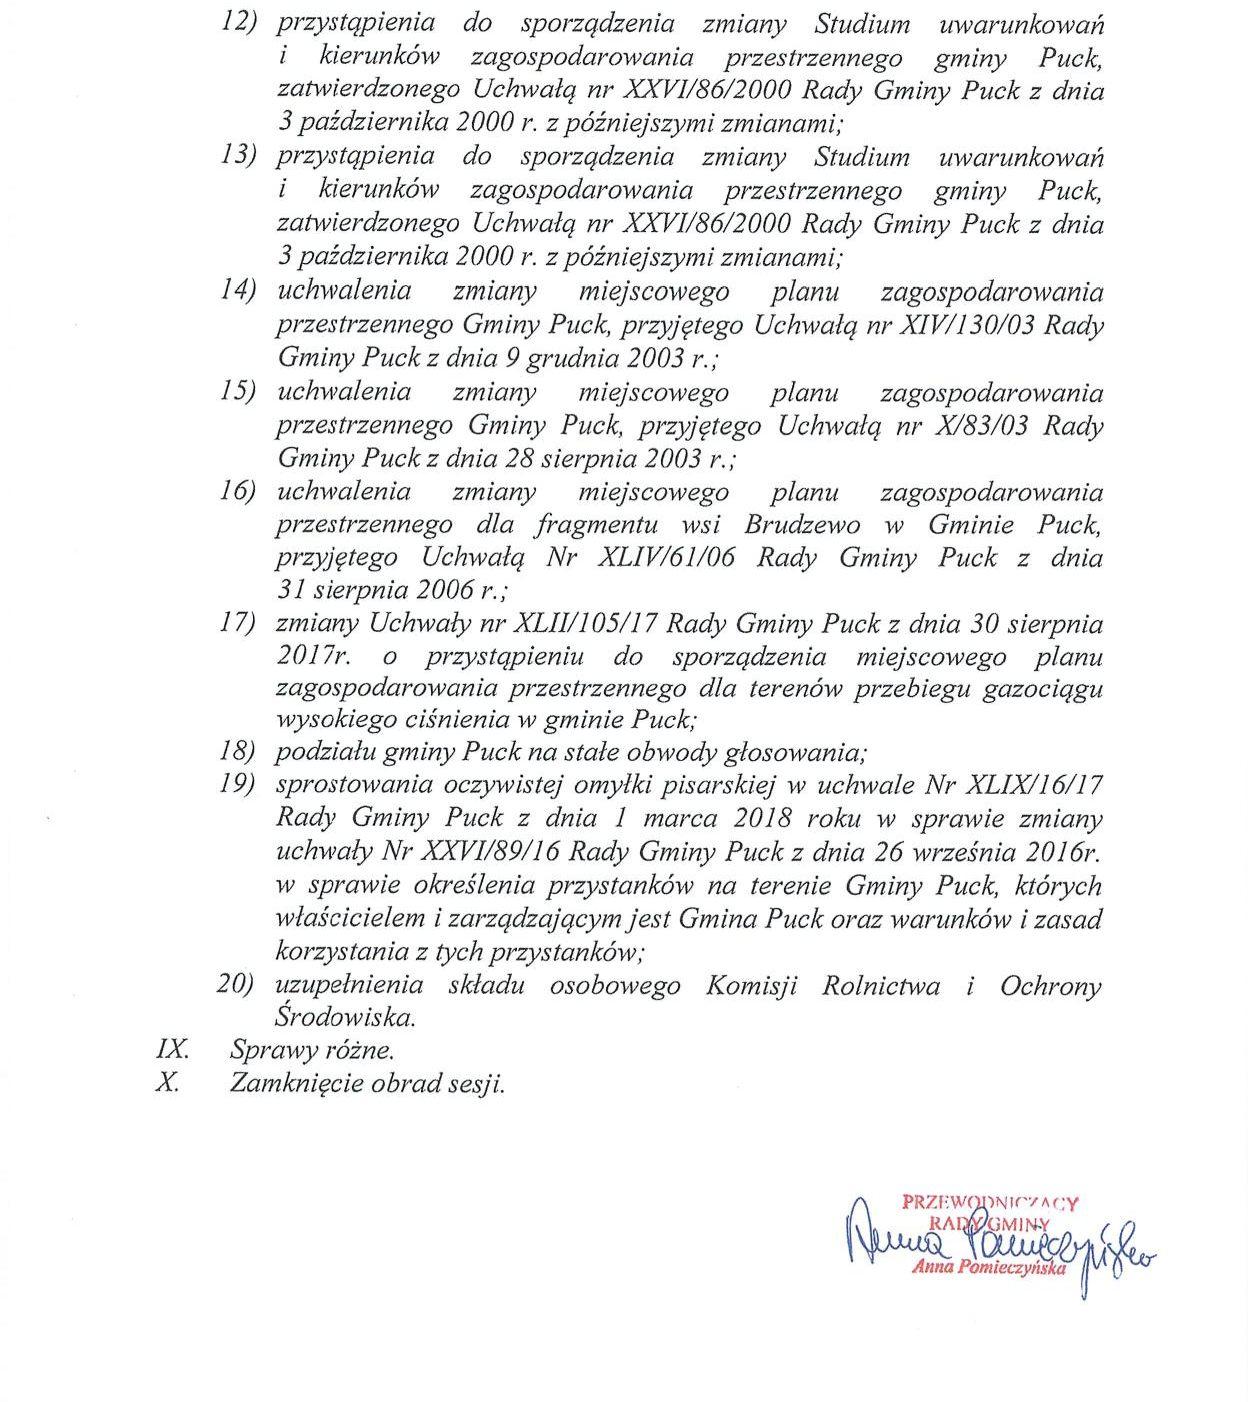 Proponowany porządek obrad LI sesji Rady Gminy Puck - dnia 26 kwietnia 2018 roku_02